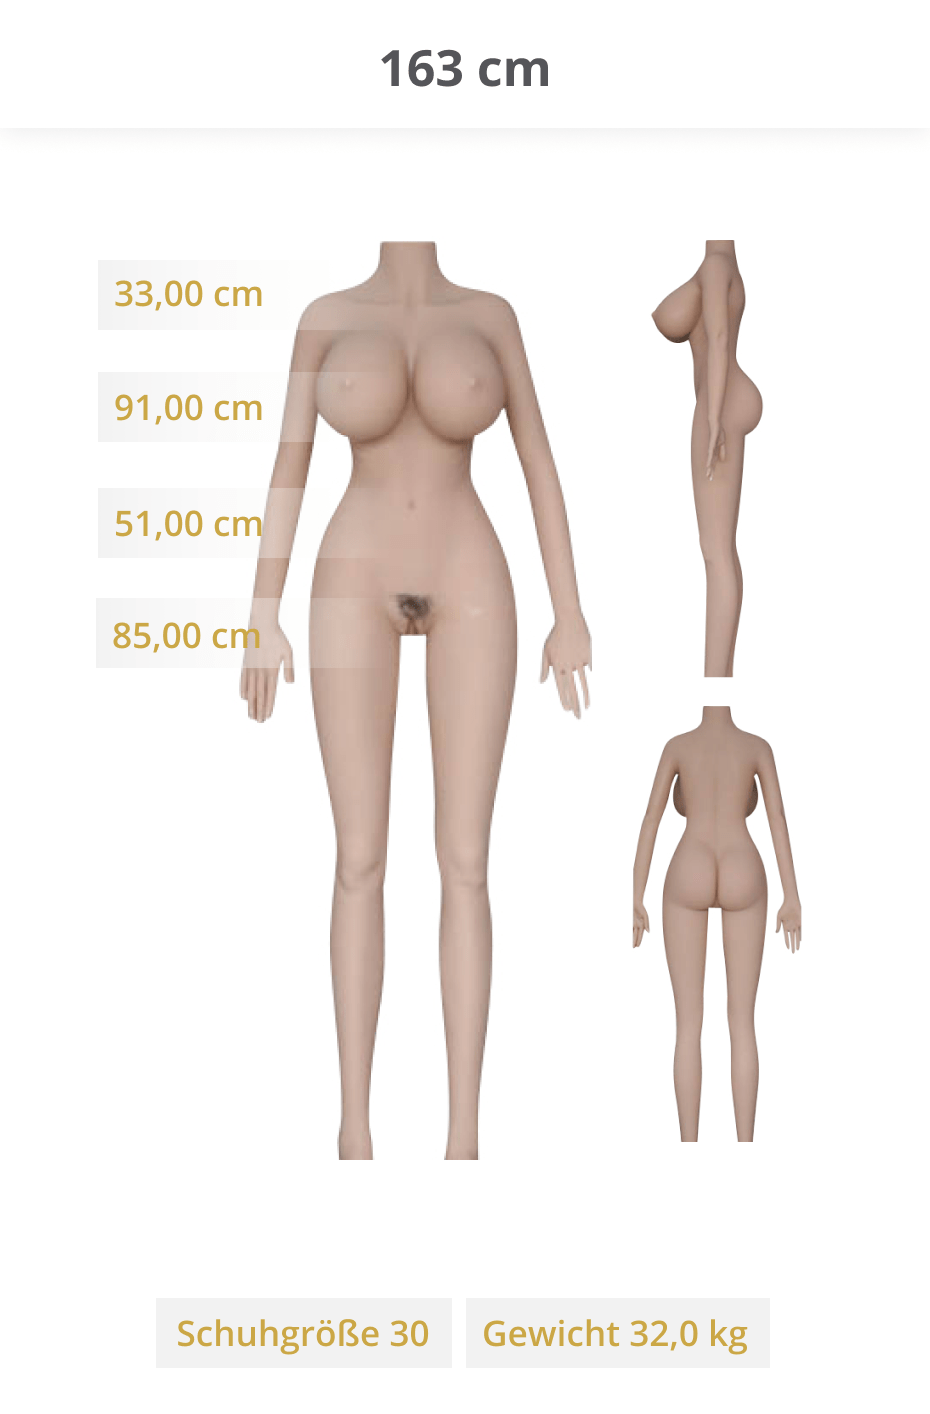 JY-Doll-163-cm-F-cup